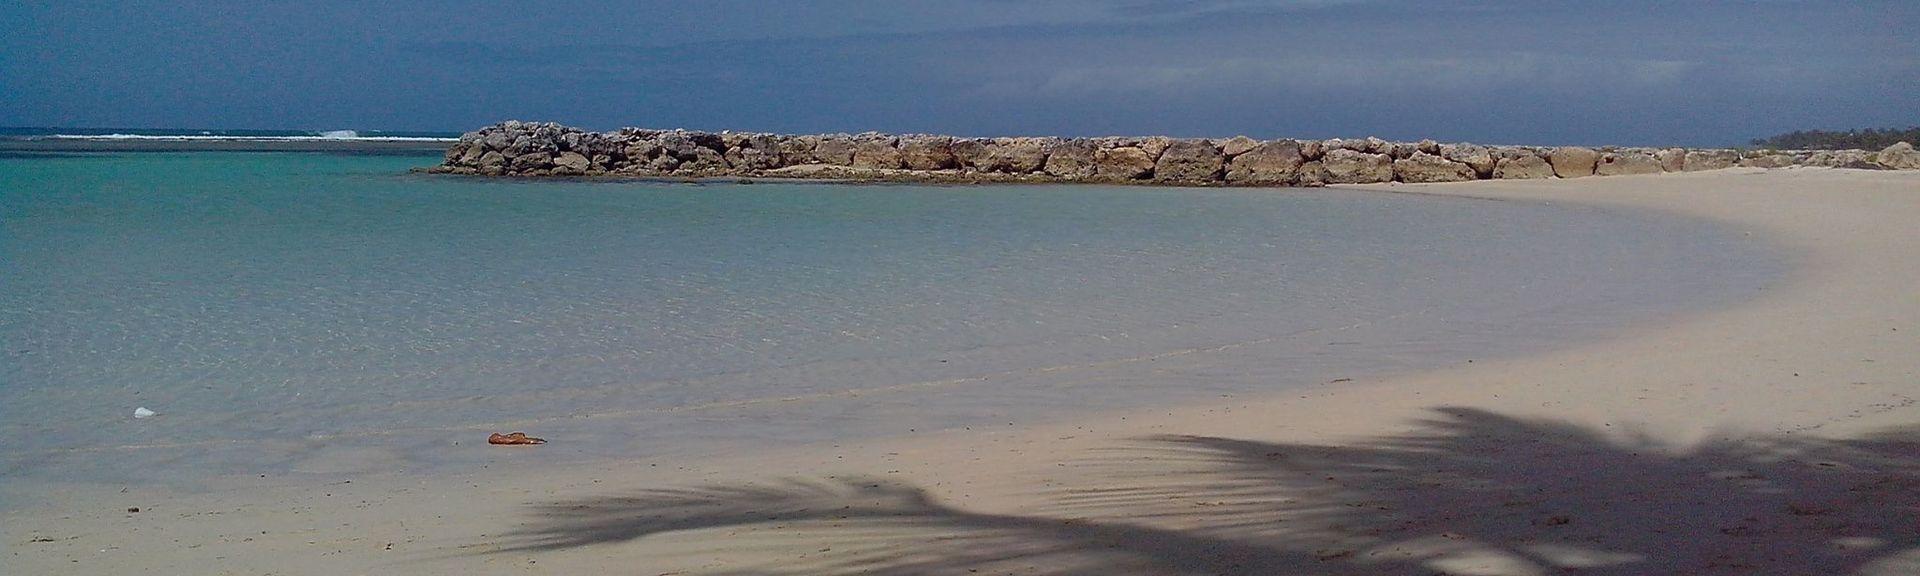 Petit-Bourg, Guadeloupe